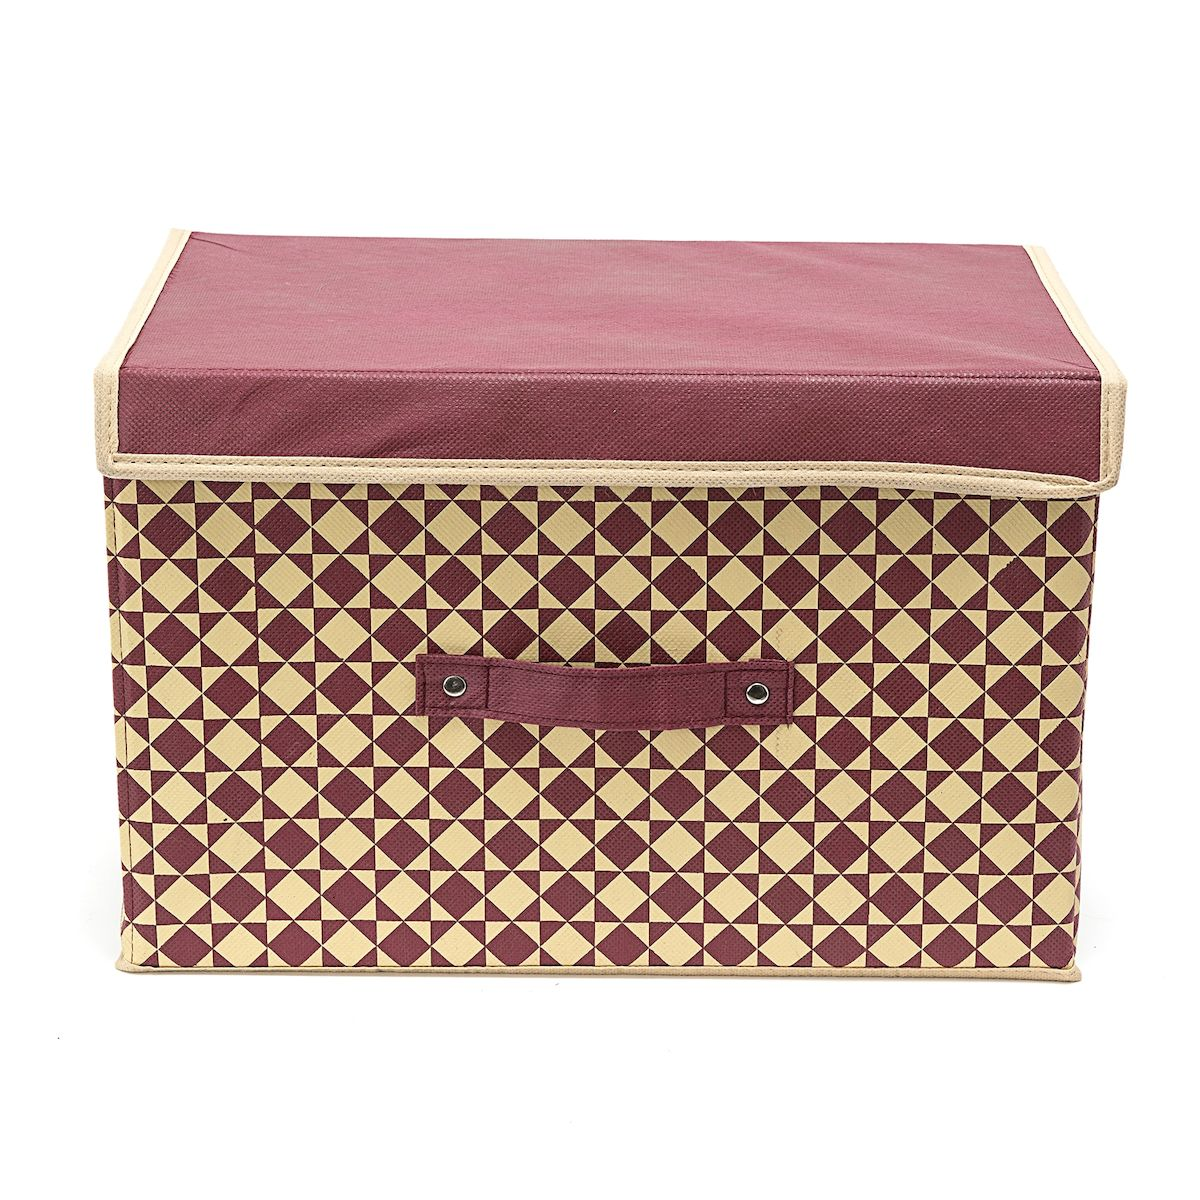 Коробка для хранения Homsu Bordo, 38 х 25 х 25 смTD 0033Вместительная коробка для хранения Homsu Bordo выполнена из плотного картона. Изделие обладает удобным размером и привлекательным дизайном, выполненным в приятной цветовой гамме. Внутри коробки можно хранить фотографии, ткани, принадлежности для хобби, памятные сувениры и многое другое. Крышка изделия удобно открывается и закрывается.Коробка для хранения Homsu Bordo станет незаменимой помощницей в путешествиях.